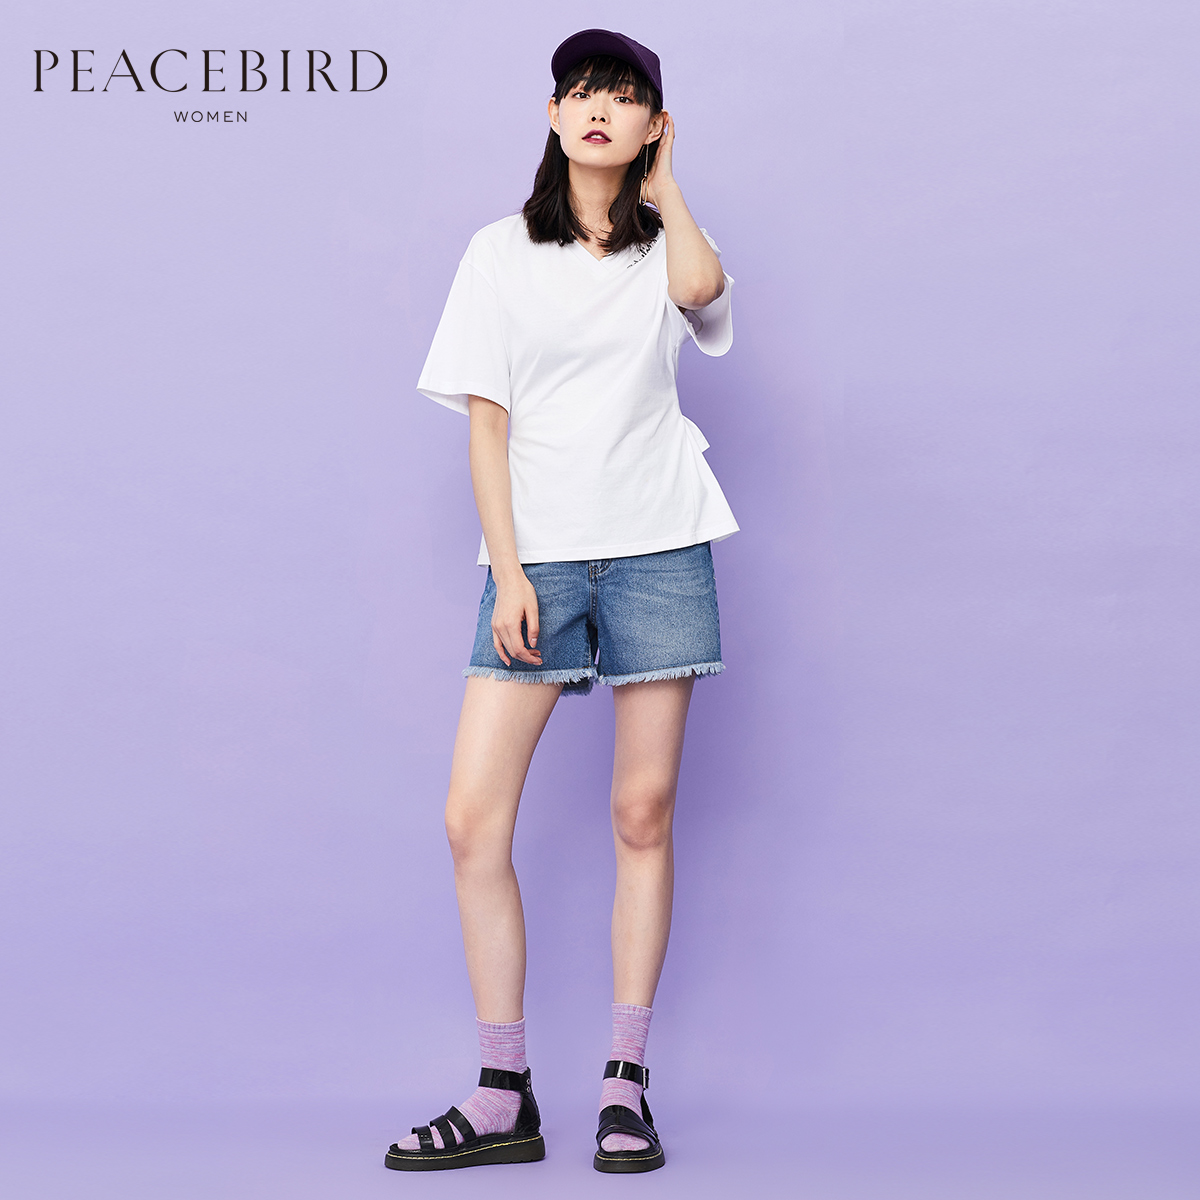 PEACEBIRD 太平鸟 AWDA82638 女士字母宽松V领短袖T恤 白色 S